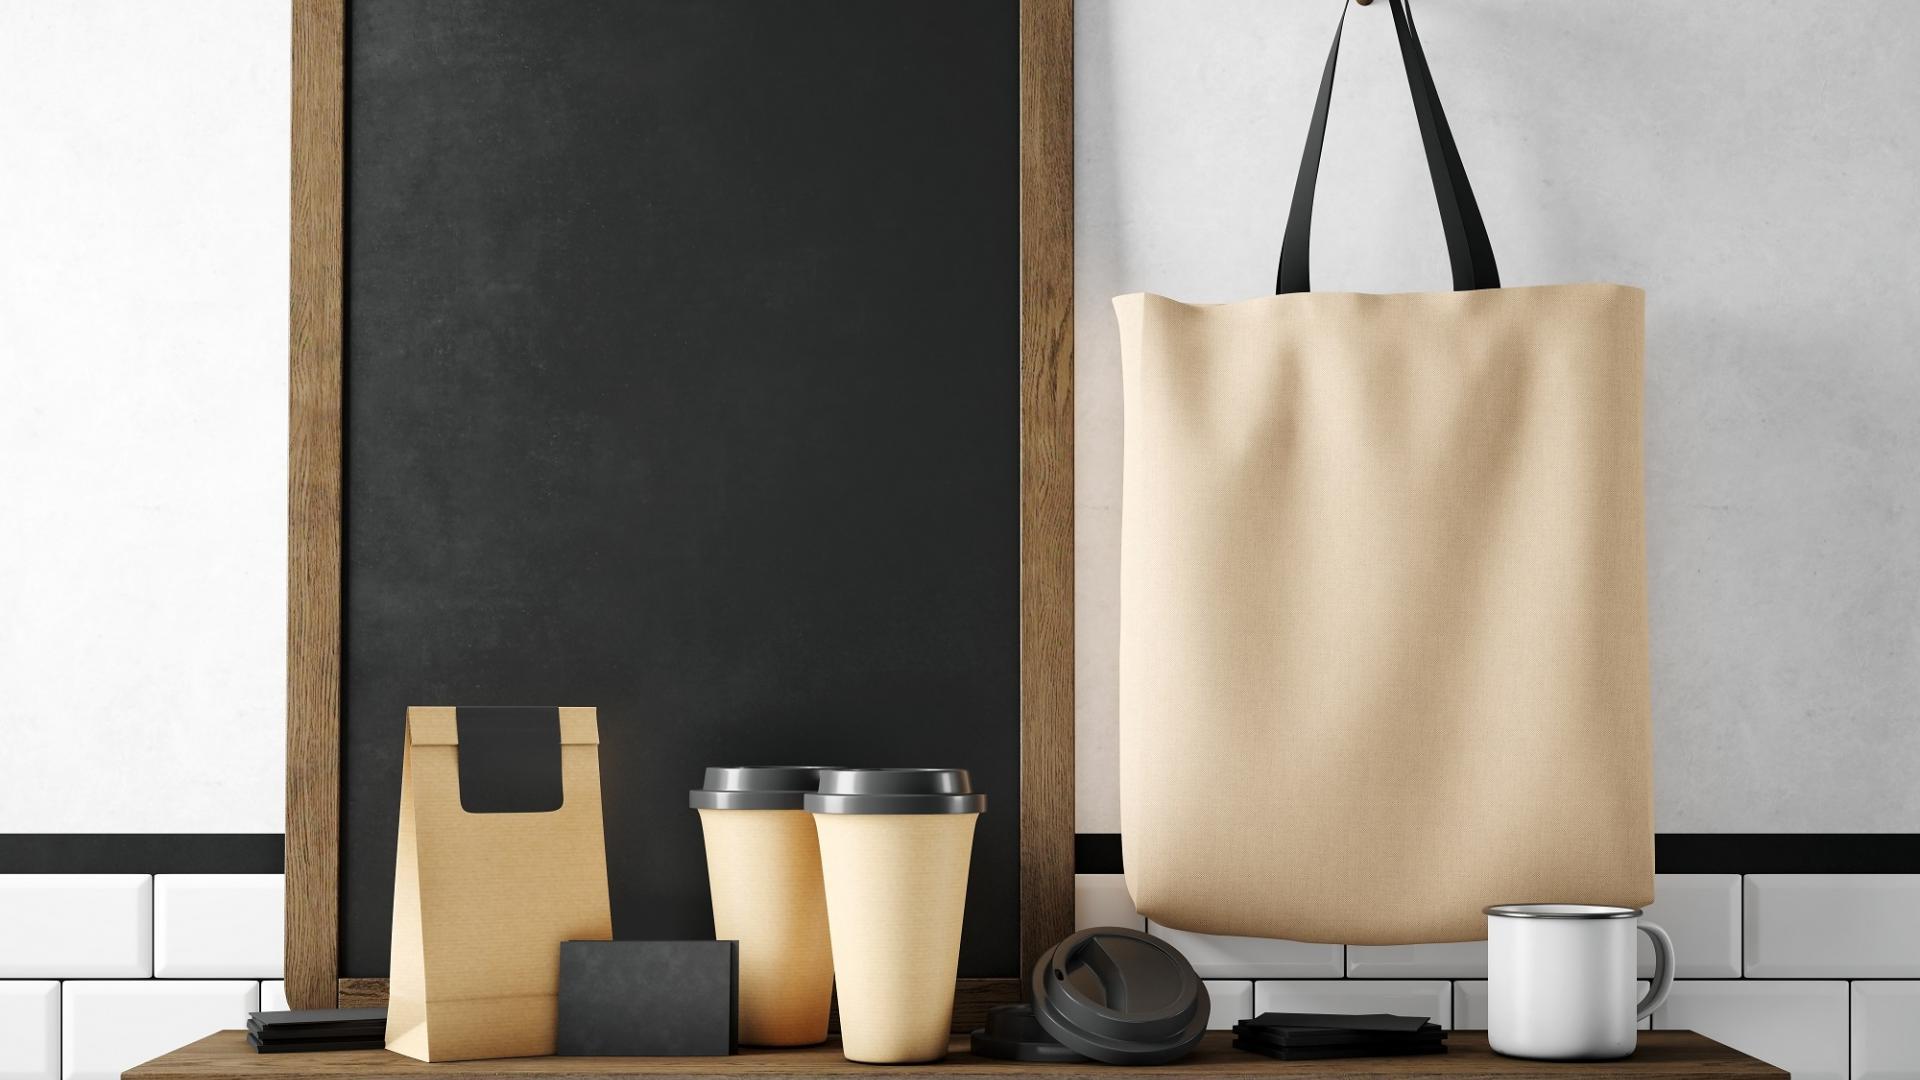 kaffeebecher nachhaltig to go küche einkaufen